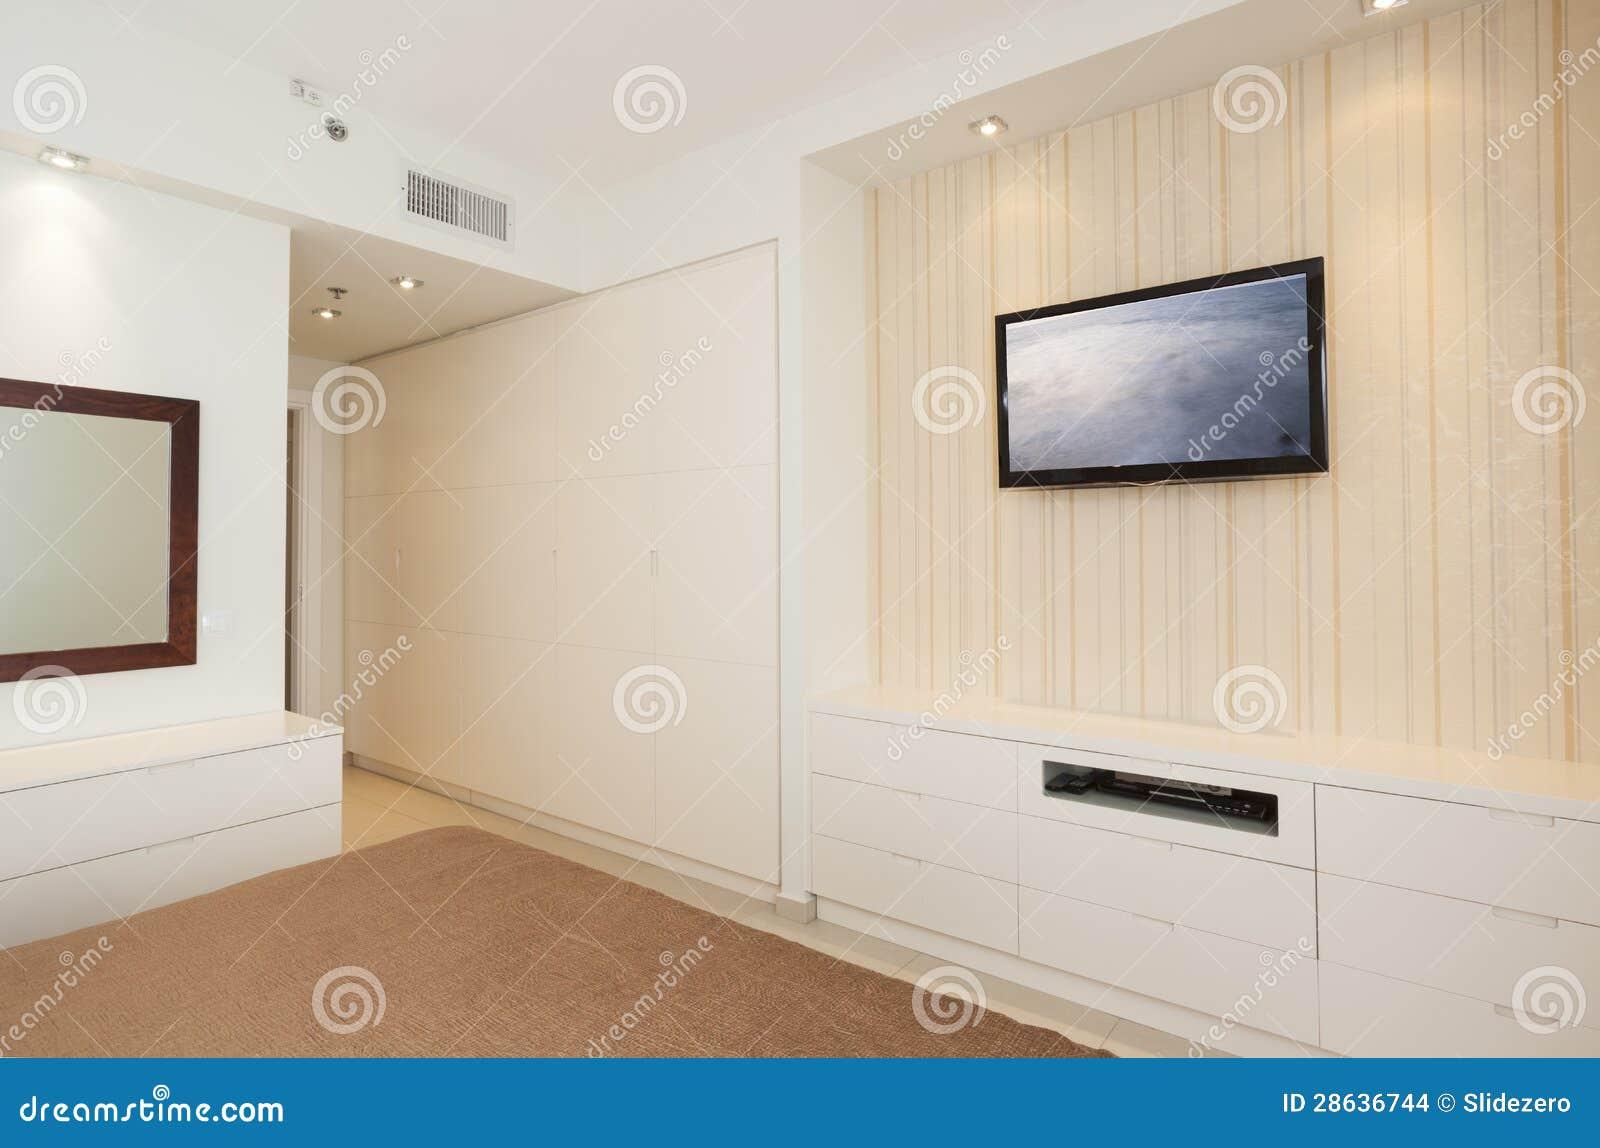 Camera Da Letto Luminosa Di Lusso Con HD TV Immagini Stock - Immagine: 28636744